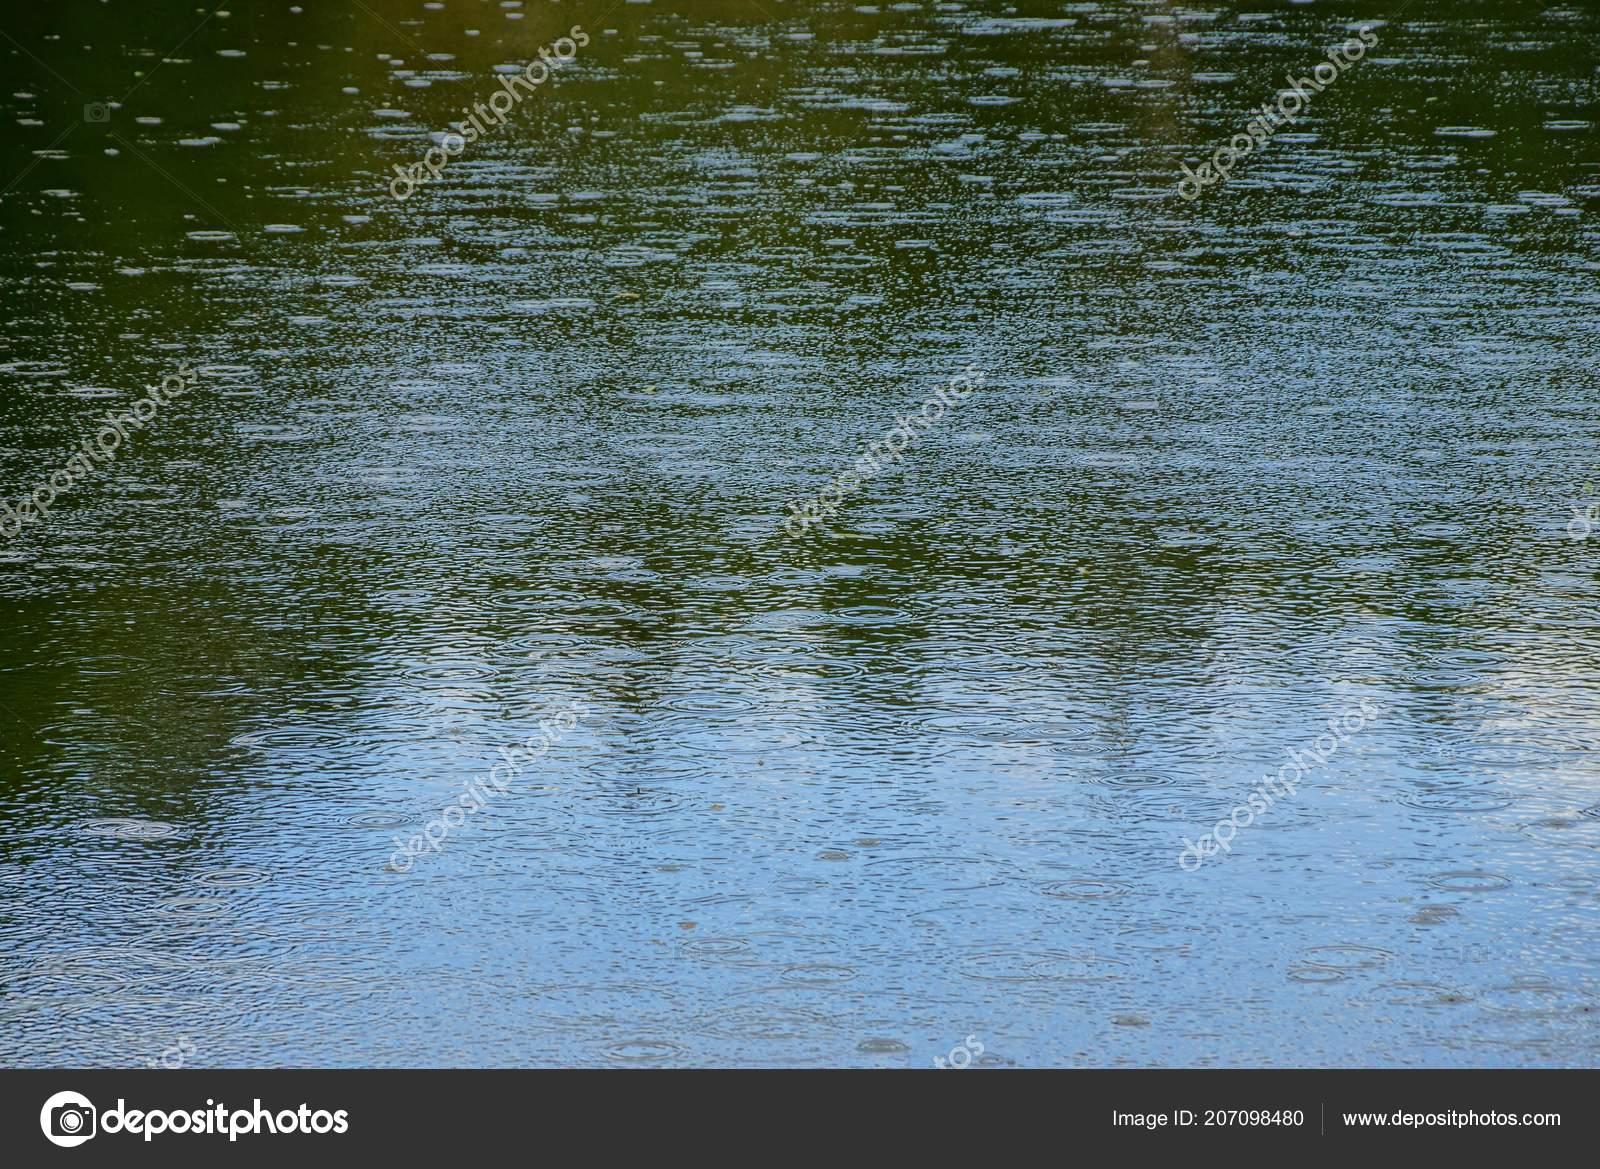 acqua grigio texture verde laghetto sotto pioggia foto